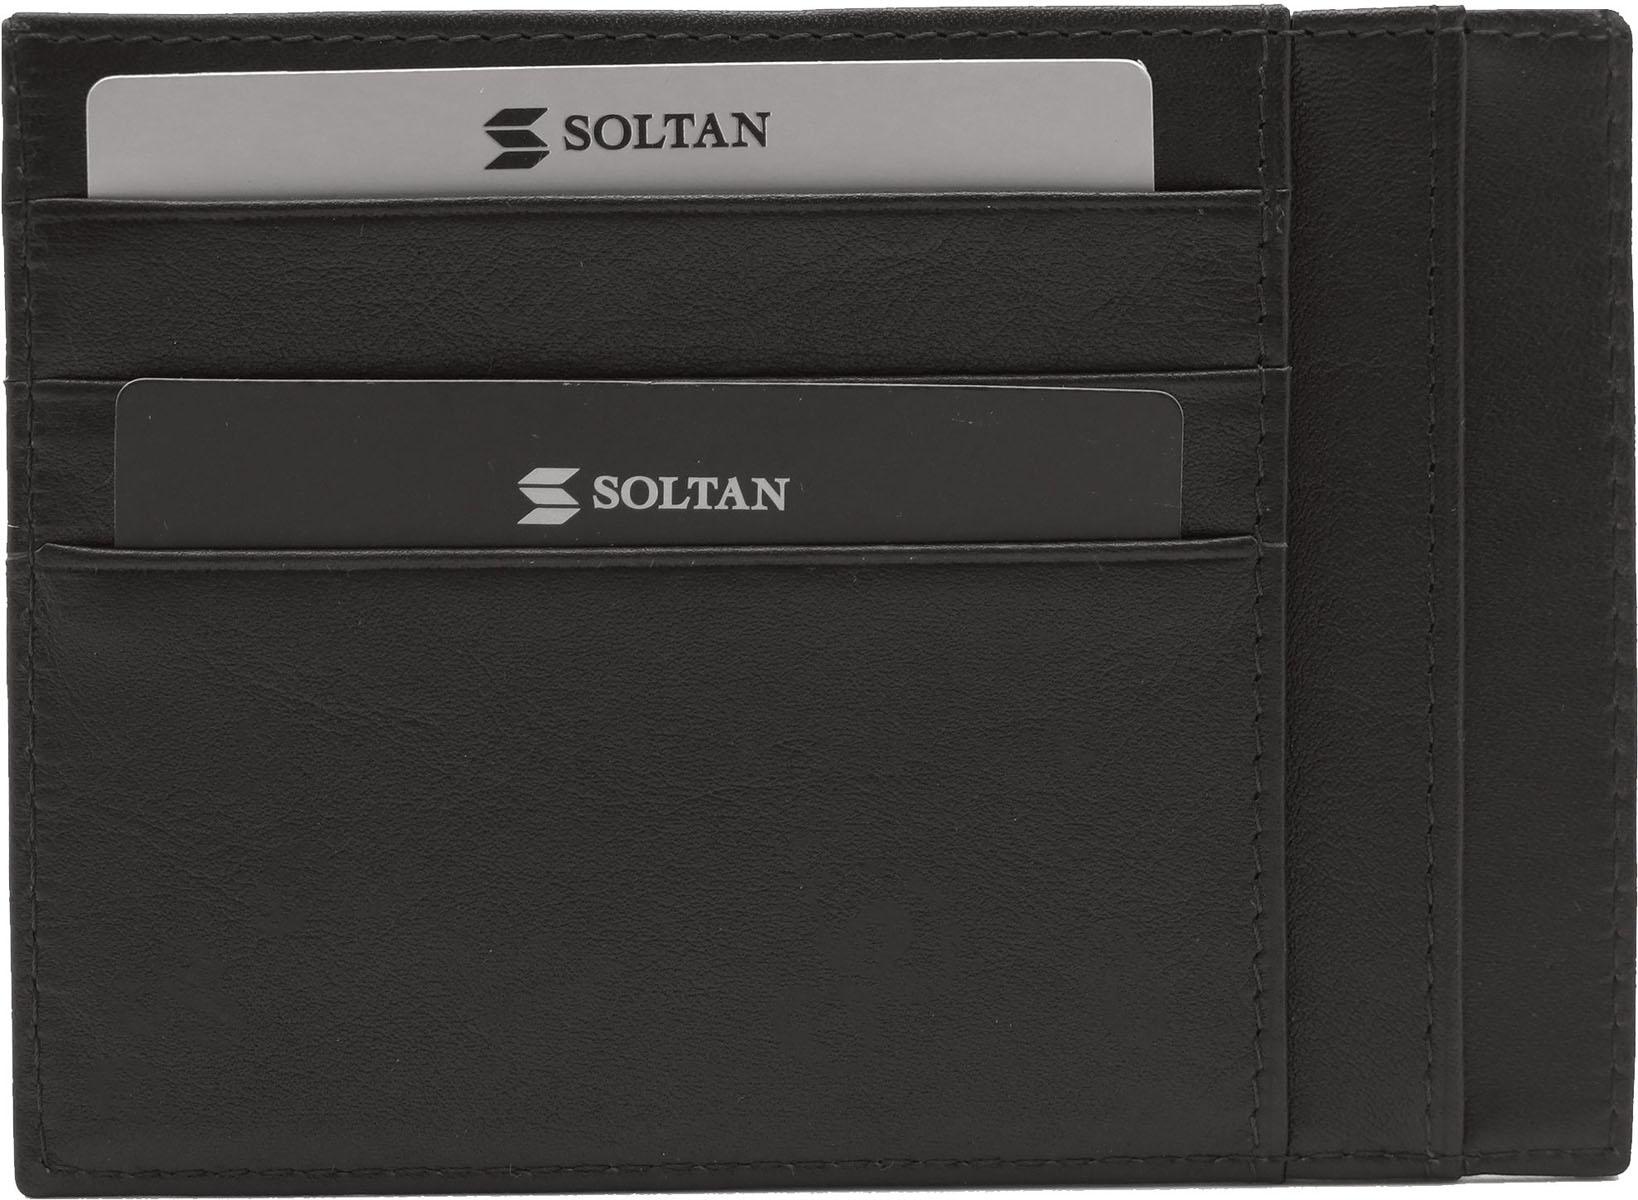 Футляр для кредитных карт Soltan, цвет: коричневый. 061 01 03061 01 03Плоский футляр для автодокументов/кредиток Soltan из натуральной кожи коричневого цвета, имеет 6 кармашков для карточек, 5 карманов для документов (права и пр.)